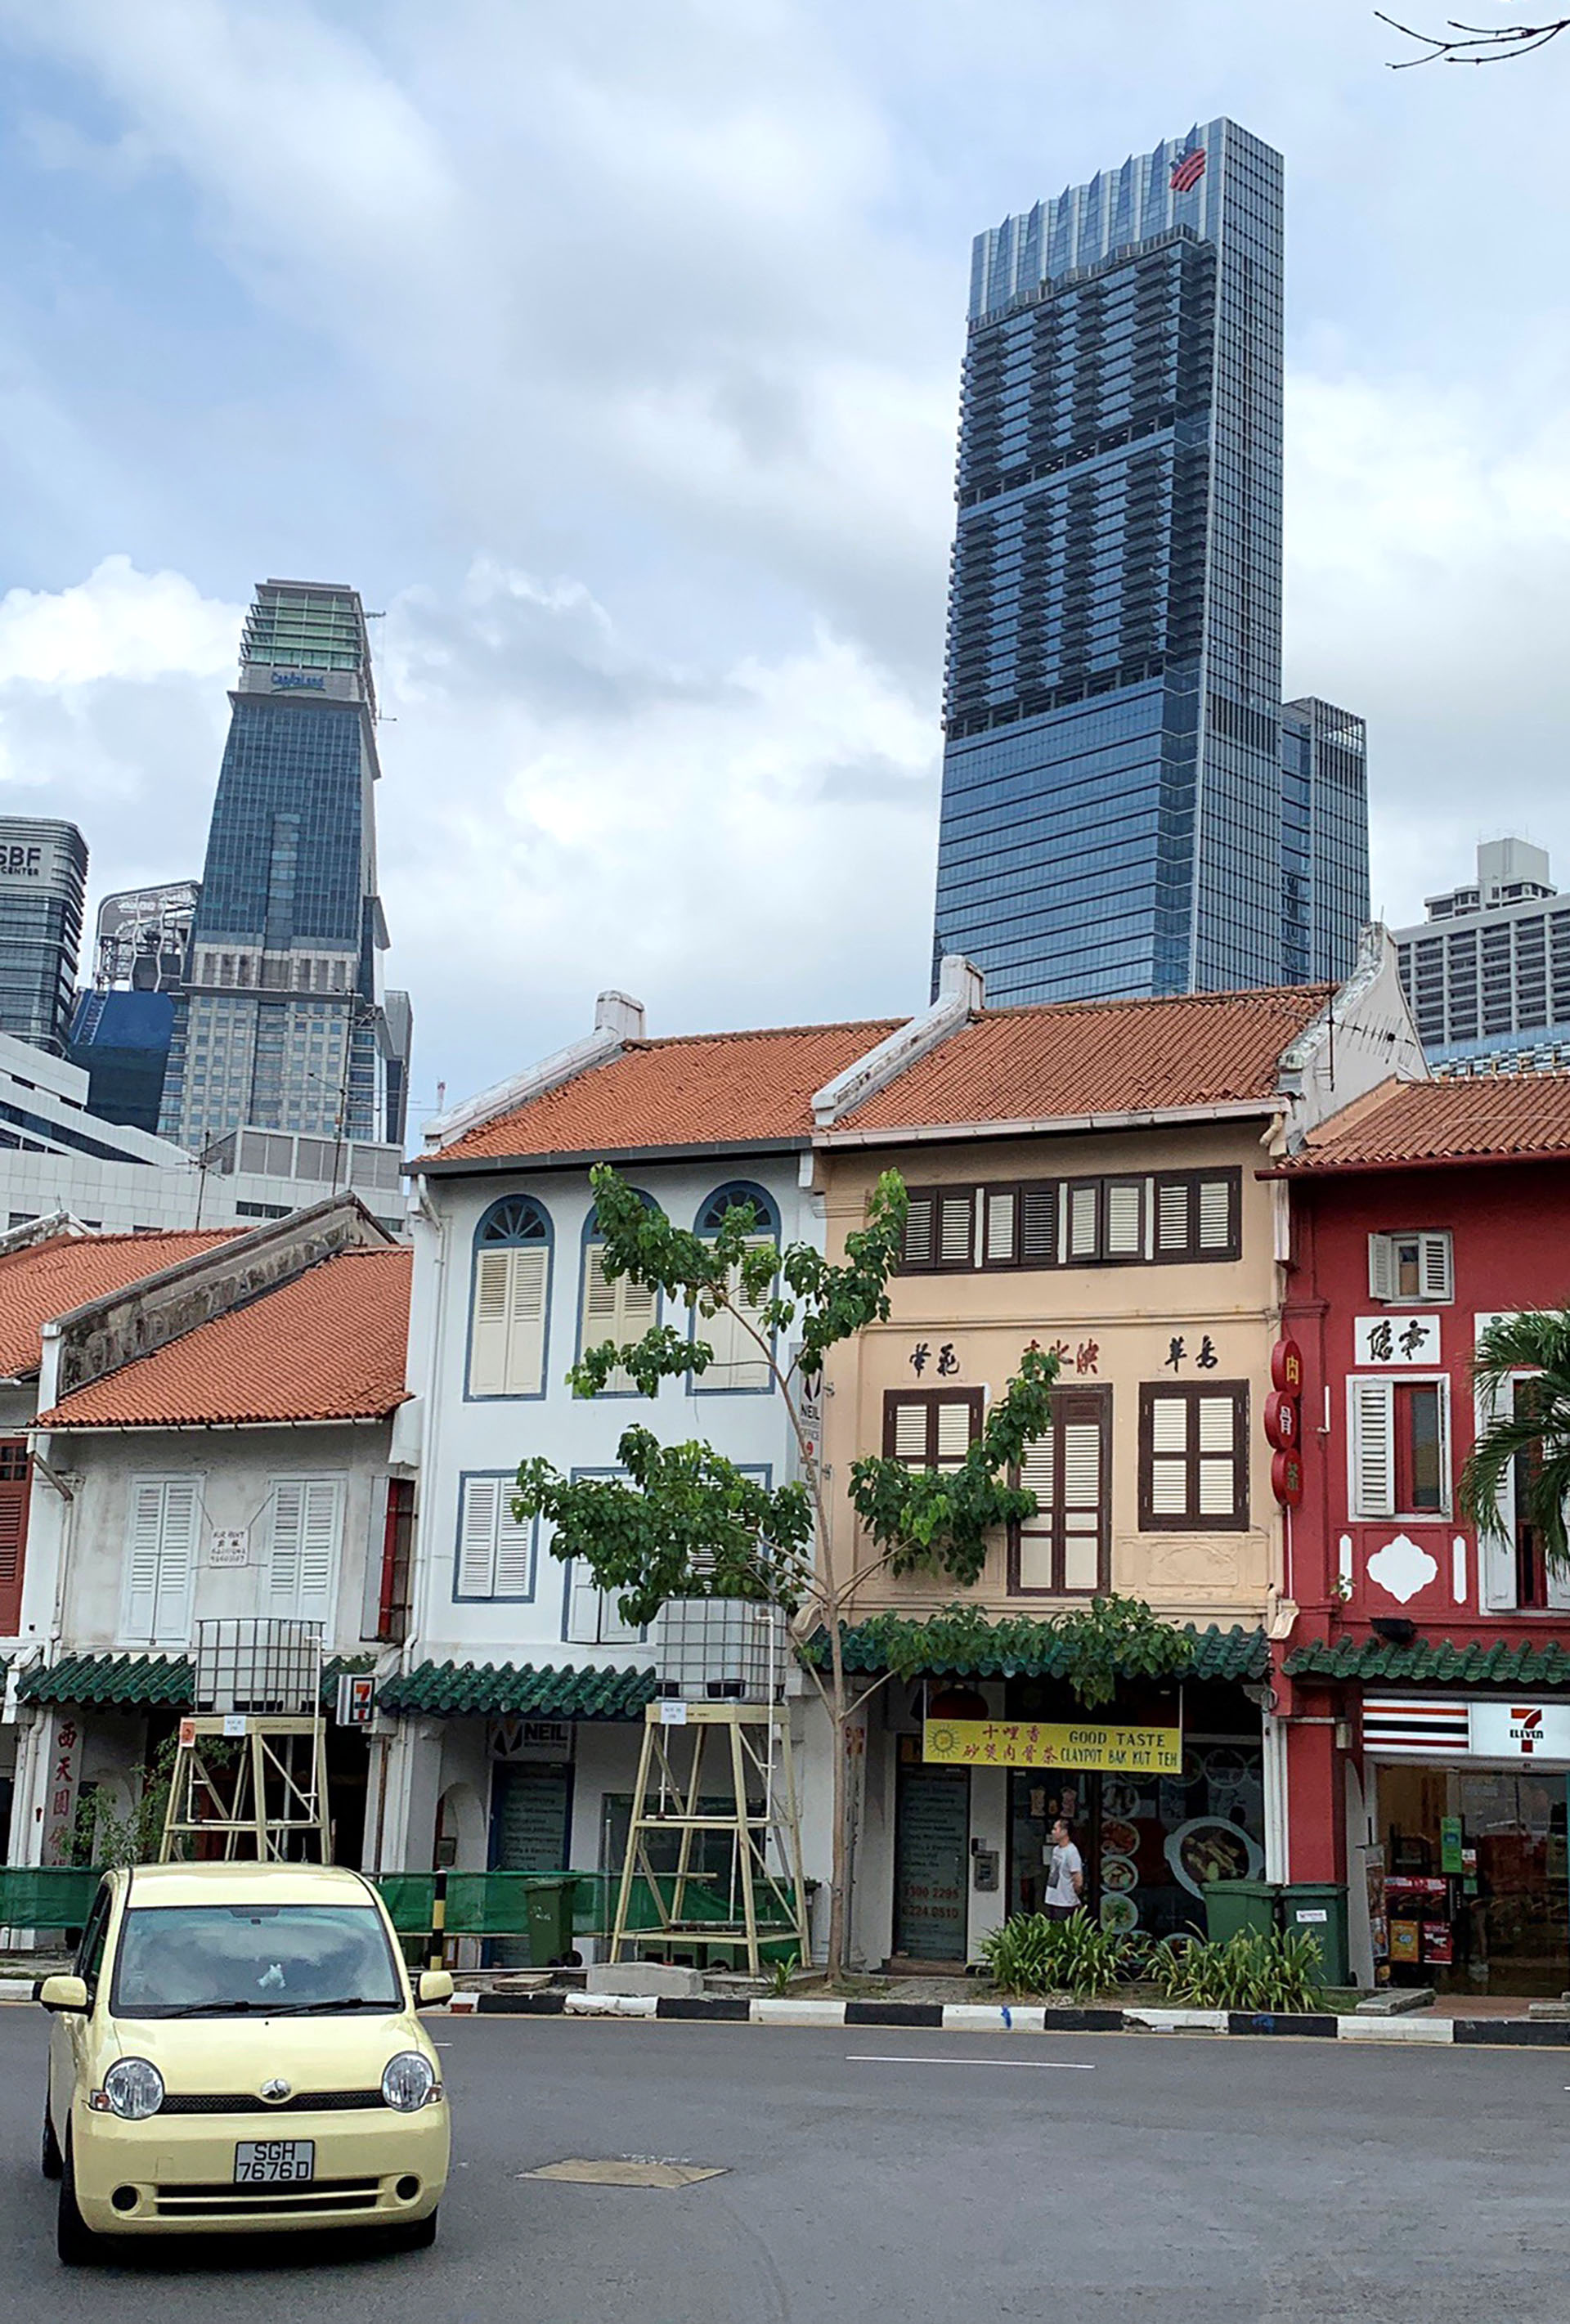 La vista al rascacielos desde un barrio comercial (Reuters)